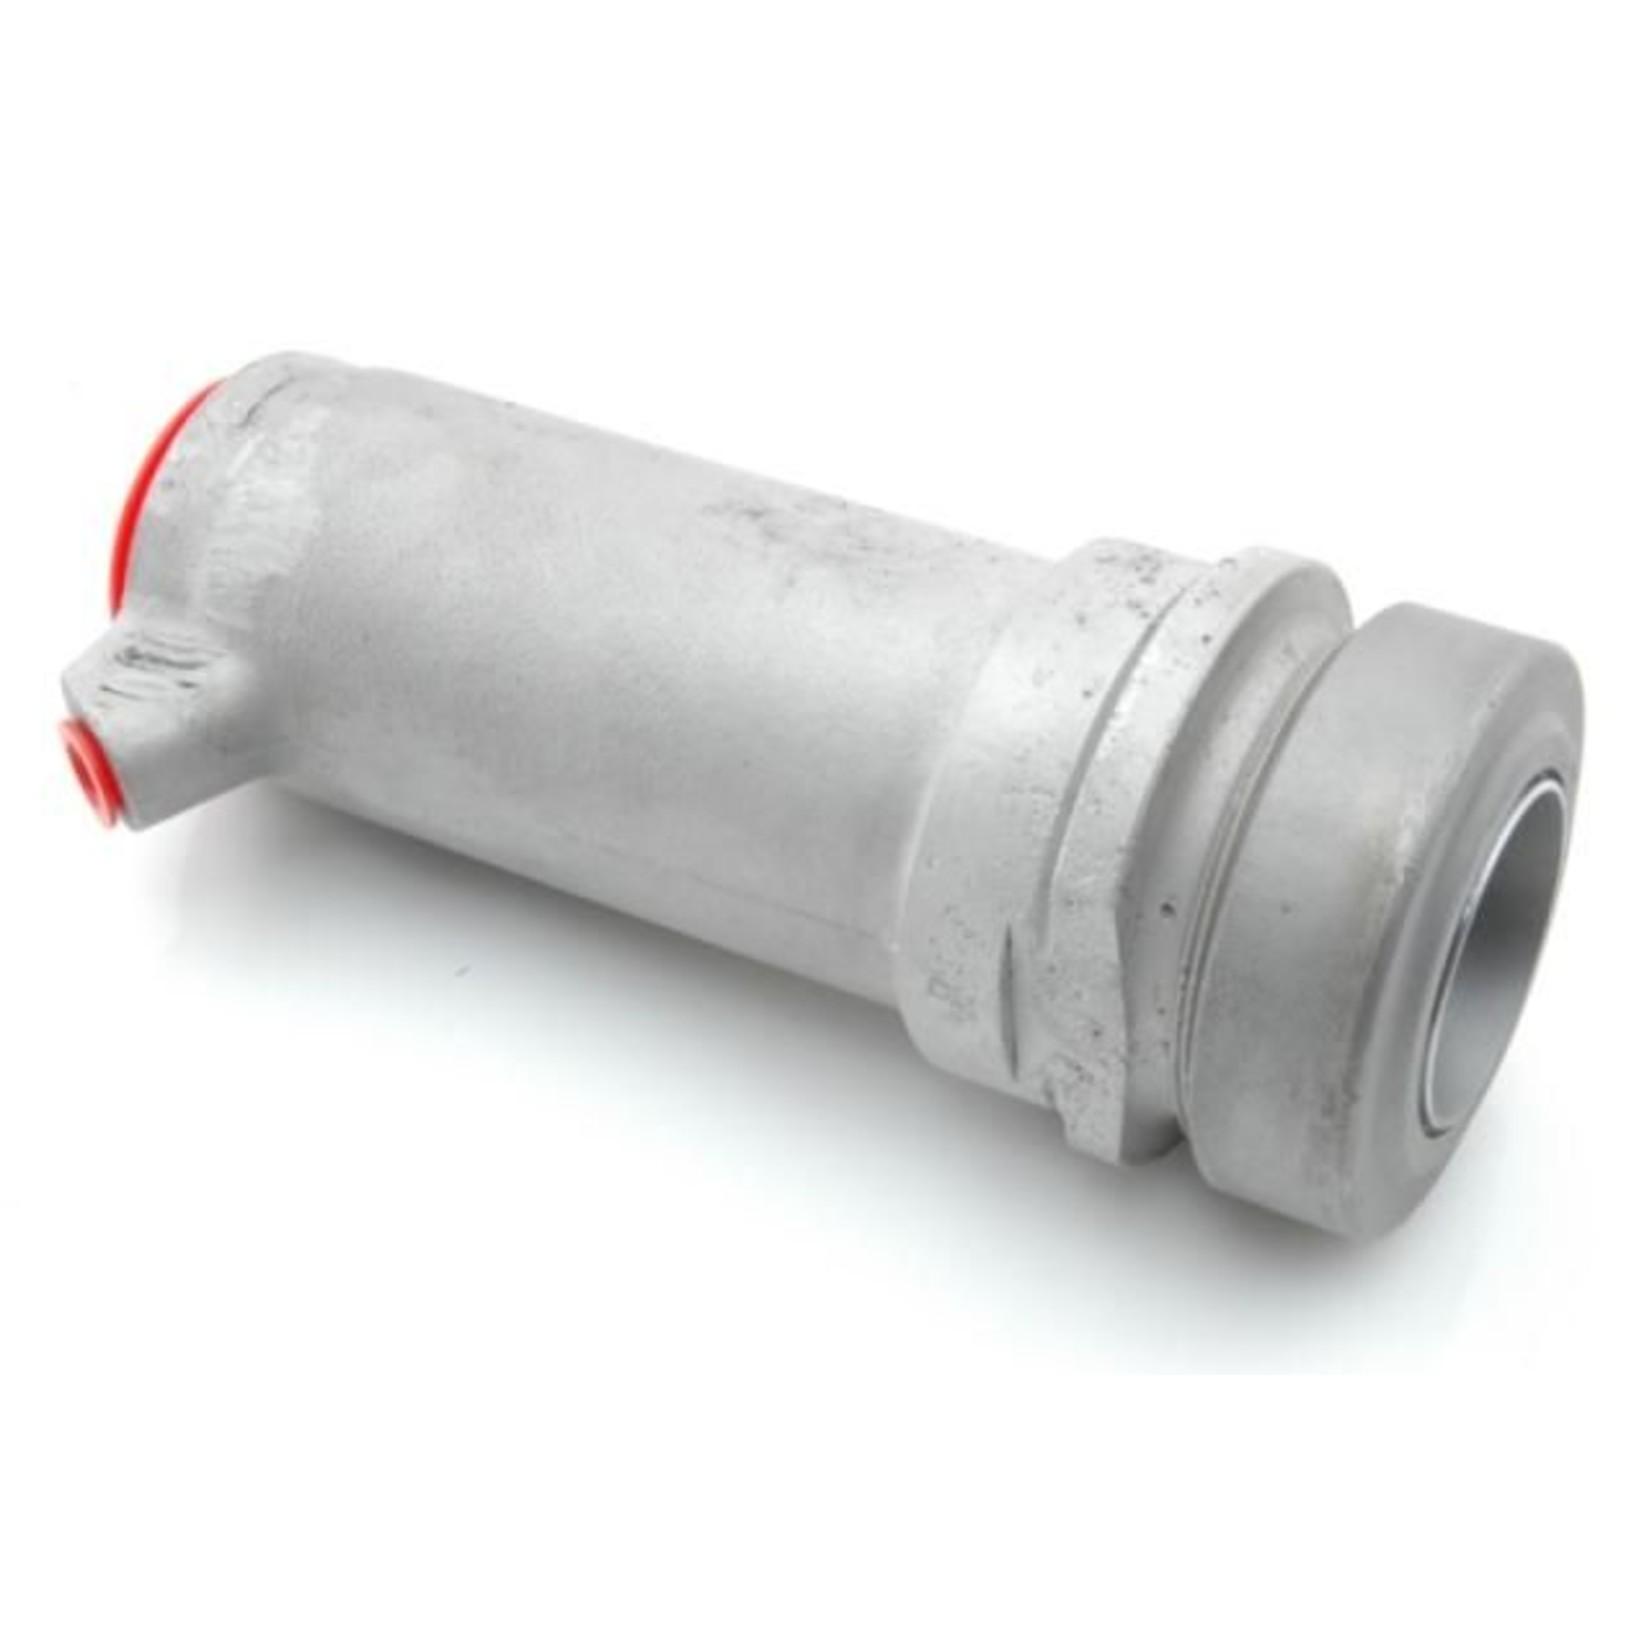 Cilindro de suspensión trasero reaconditionado berline LHS Nr Org: DX43402D